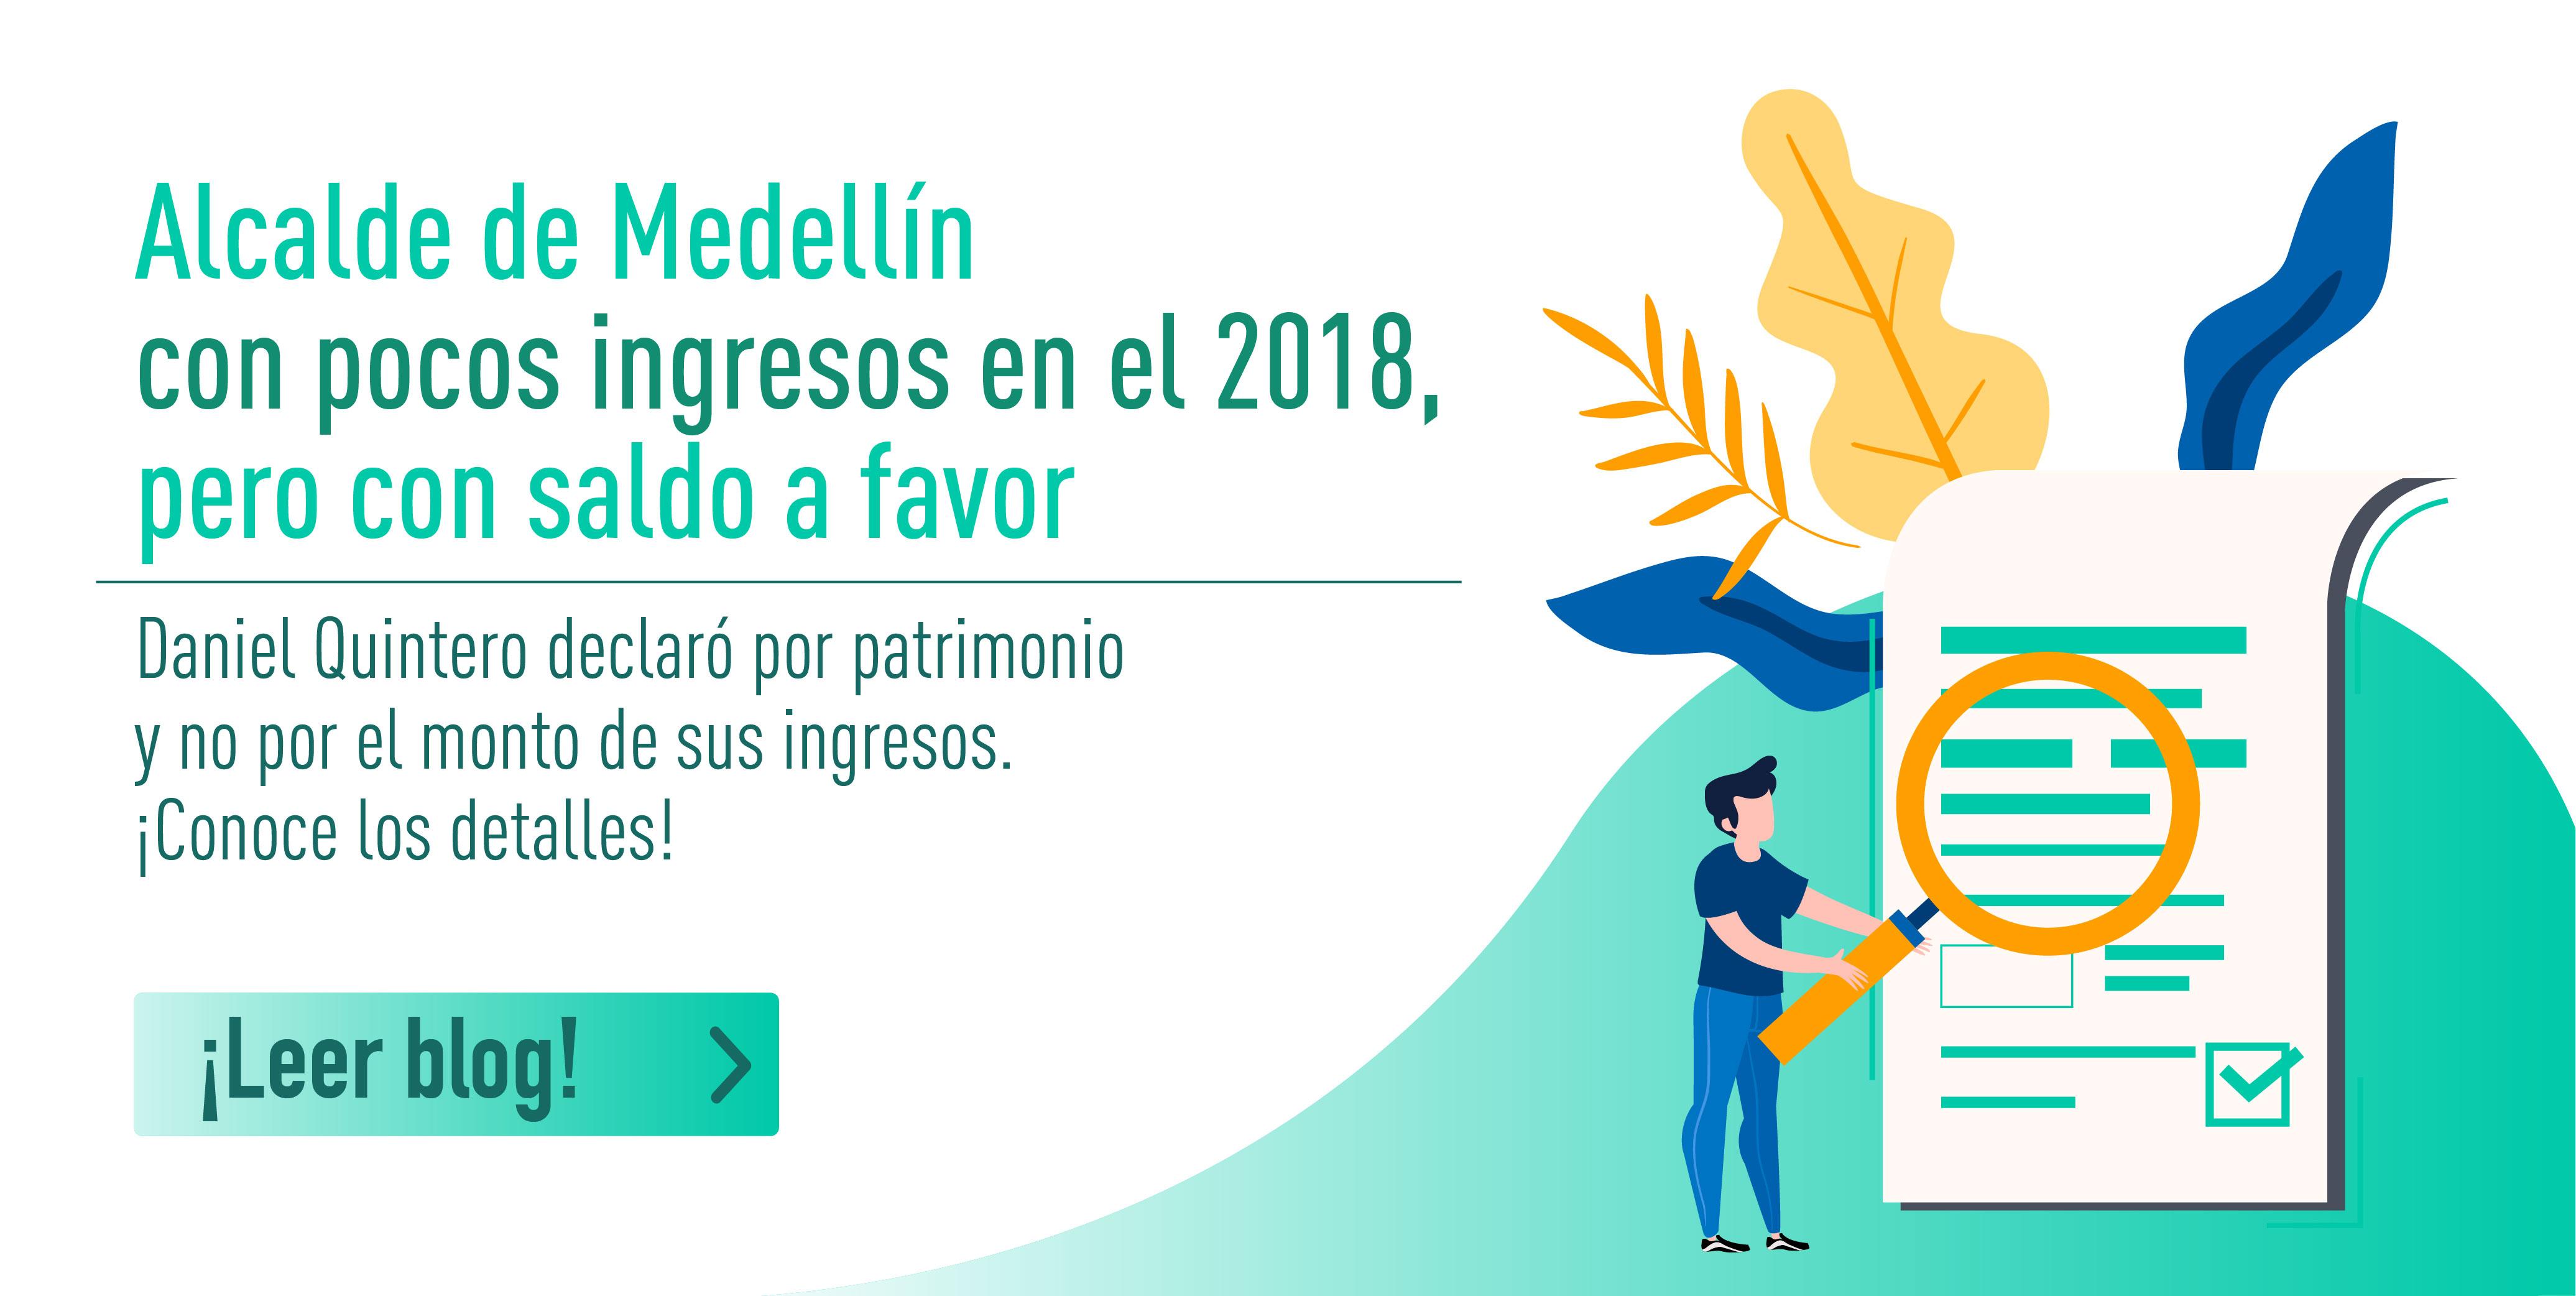 Alcalde de Medellín con pocos ingresos en el 2018, pero con saldo a favor